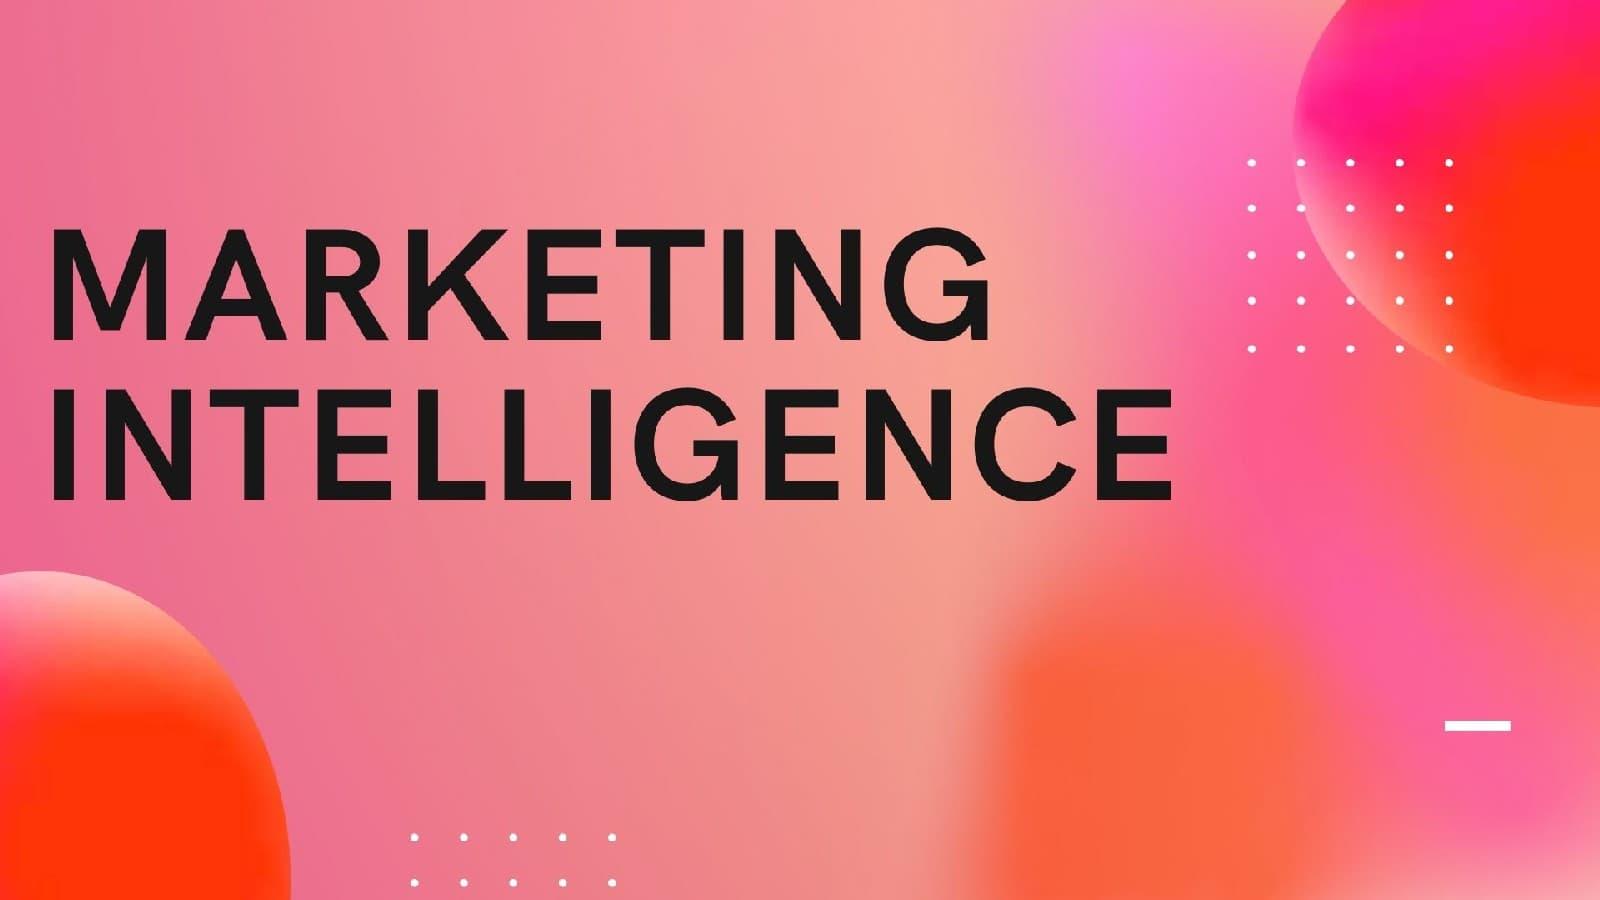 Marketing Intelligence là gì? Điều bạn cần biết